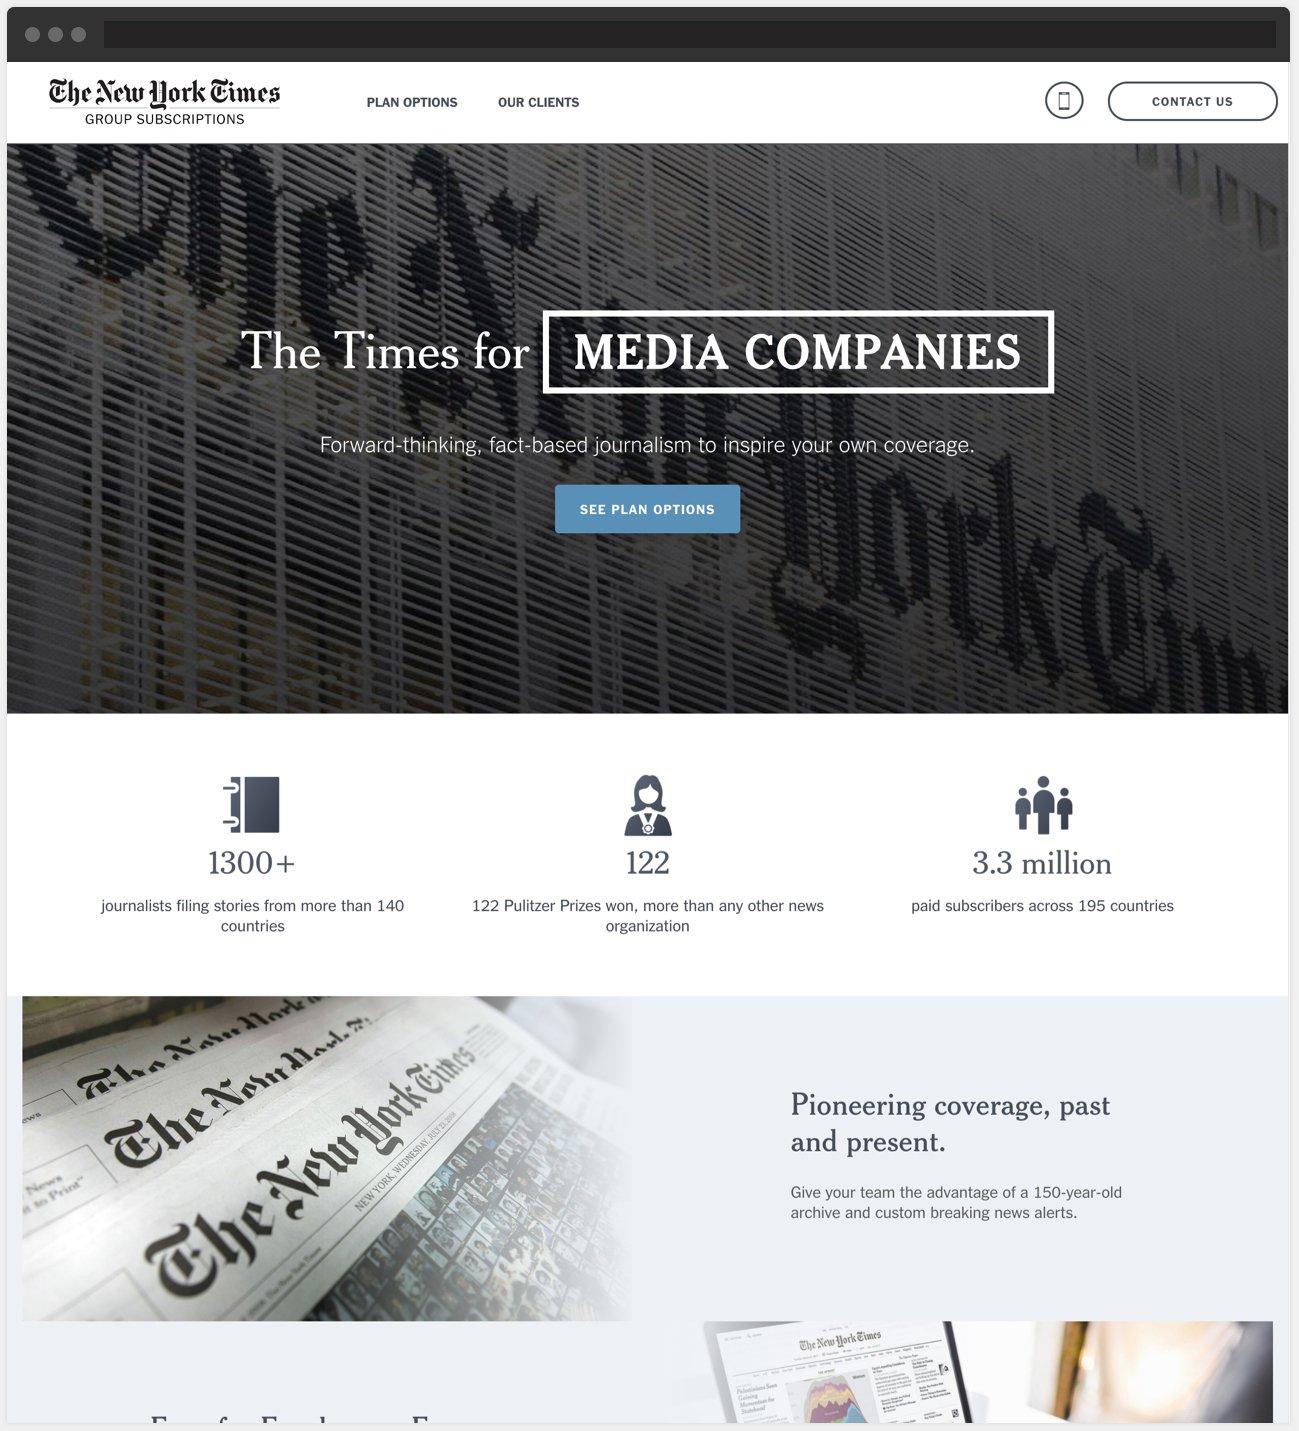 nyt-b2b-gs-media-before